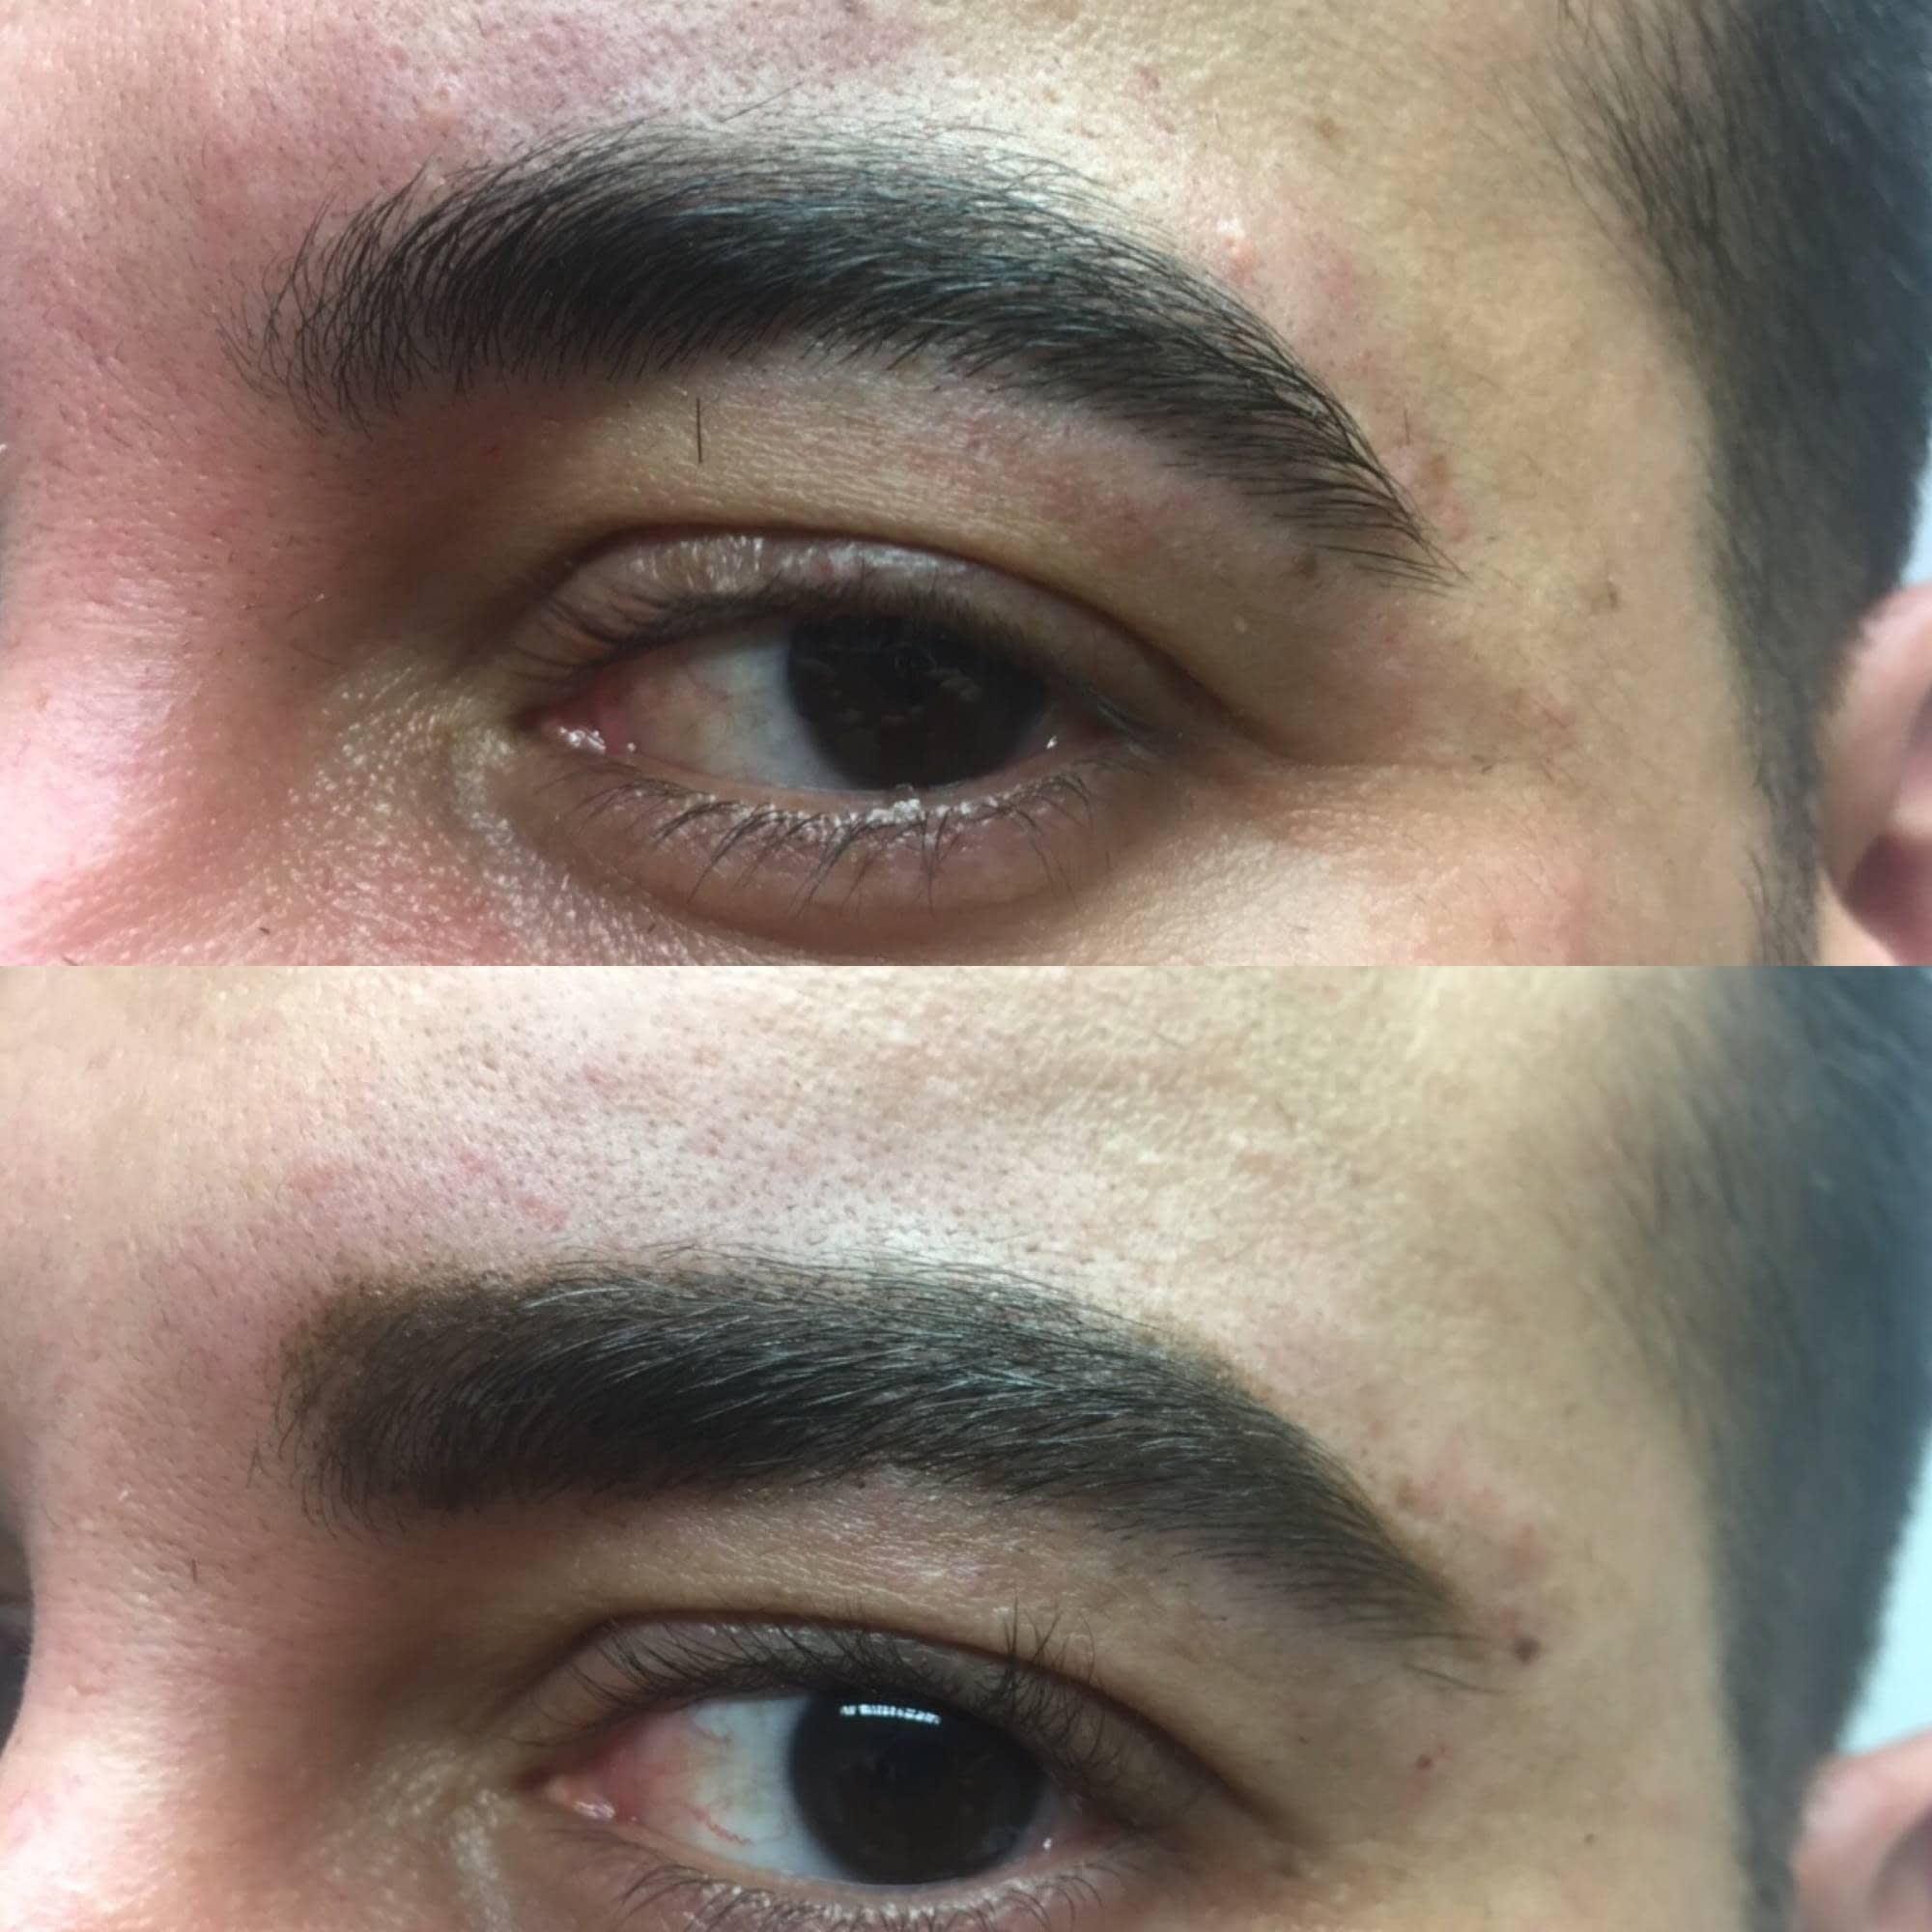 Cejas De Hombre microblading cejas, pelo a pelo para hombre | centro de